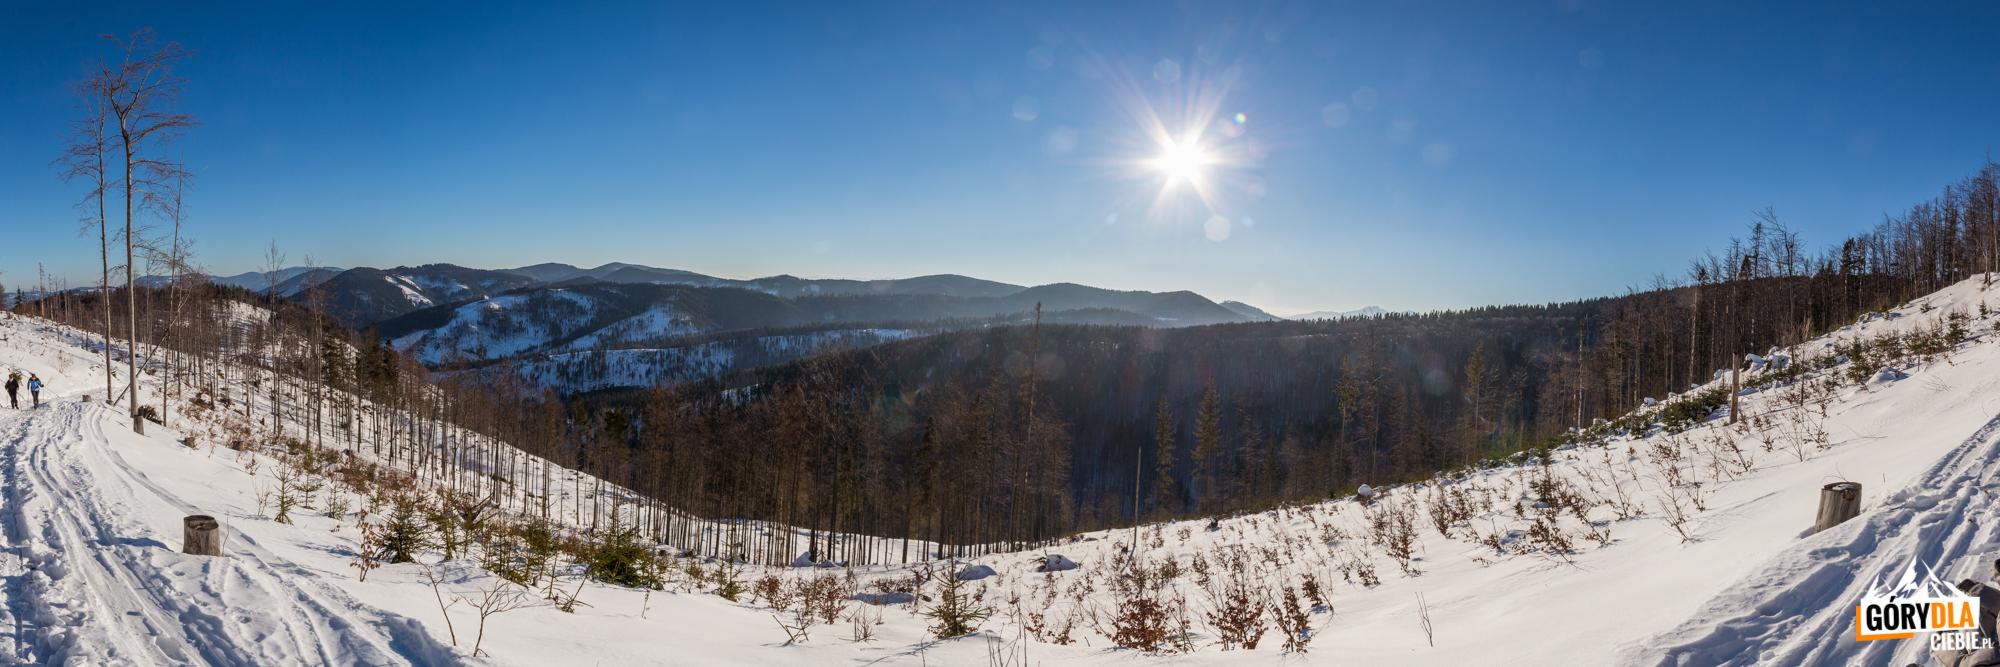 Widoki z żółtego szlaku na Wielką Raczę (1236 m) w kierunku Rycerzowej Wielkiej (1226 m)